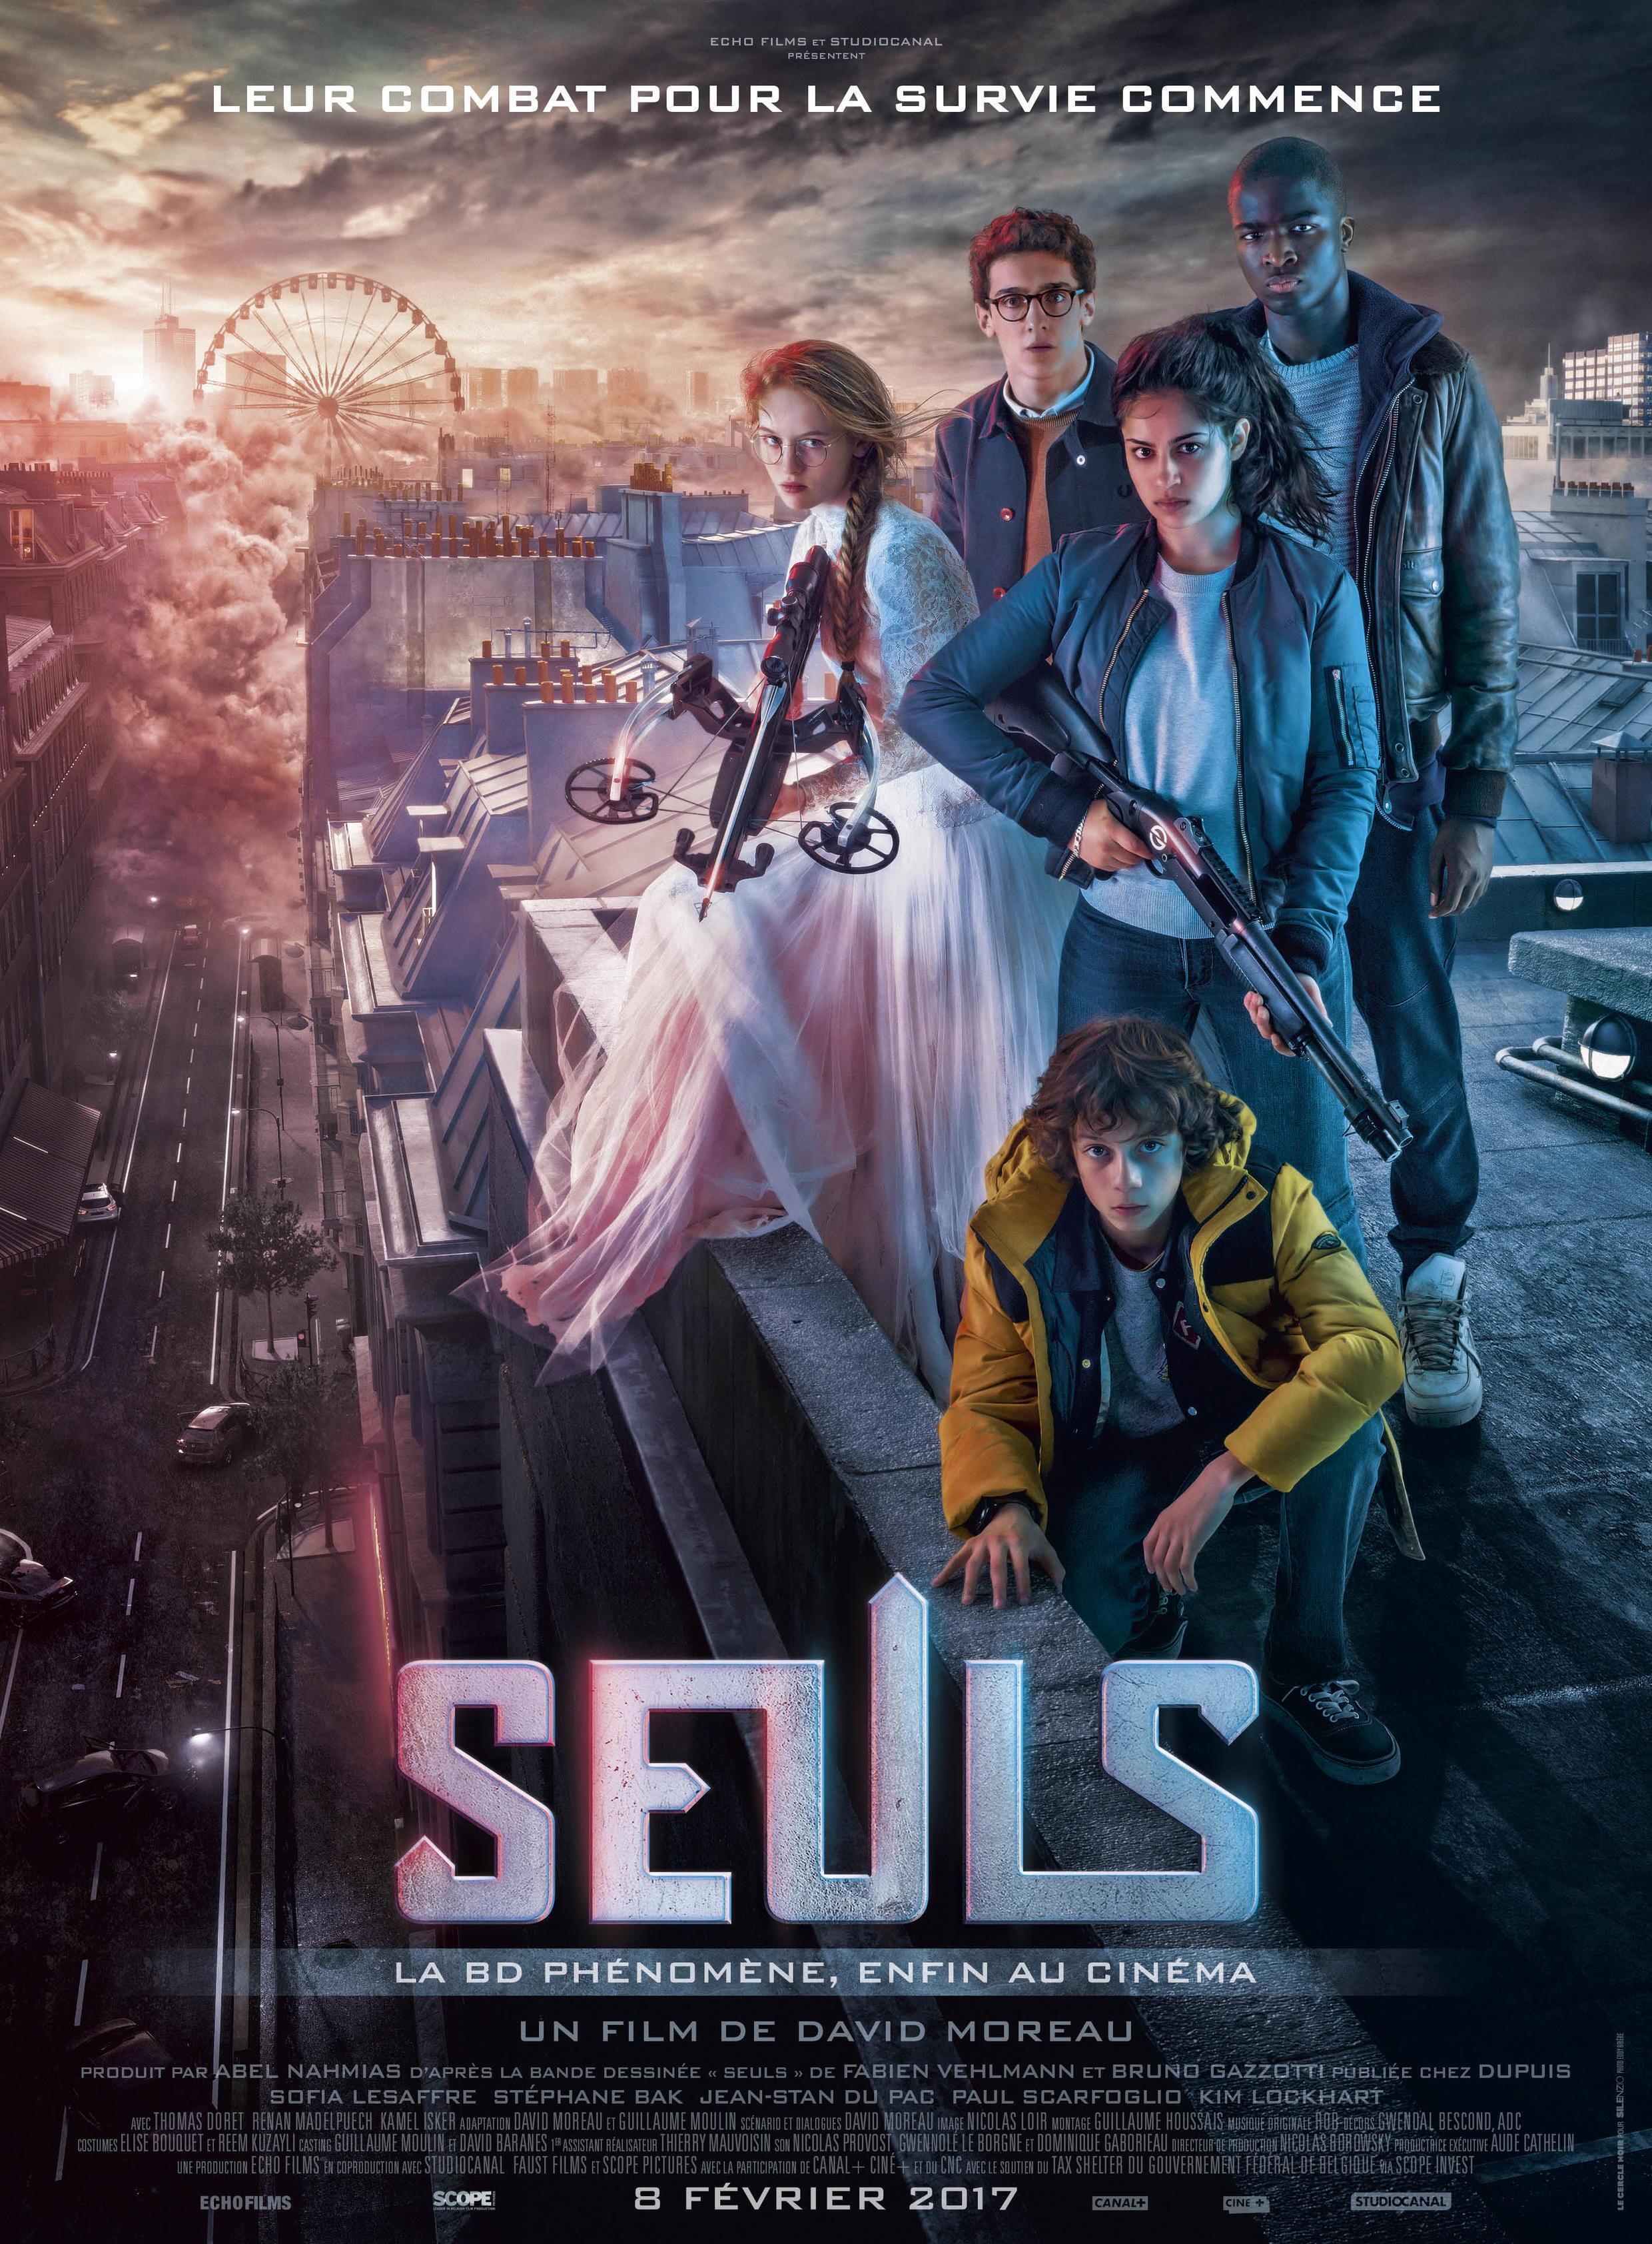 La BD à succès «Seuls» enfin adaptée au cinéma par le réalisateur David Moreau.